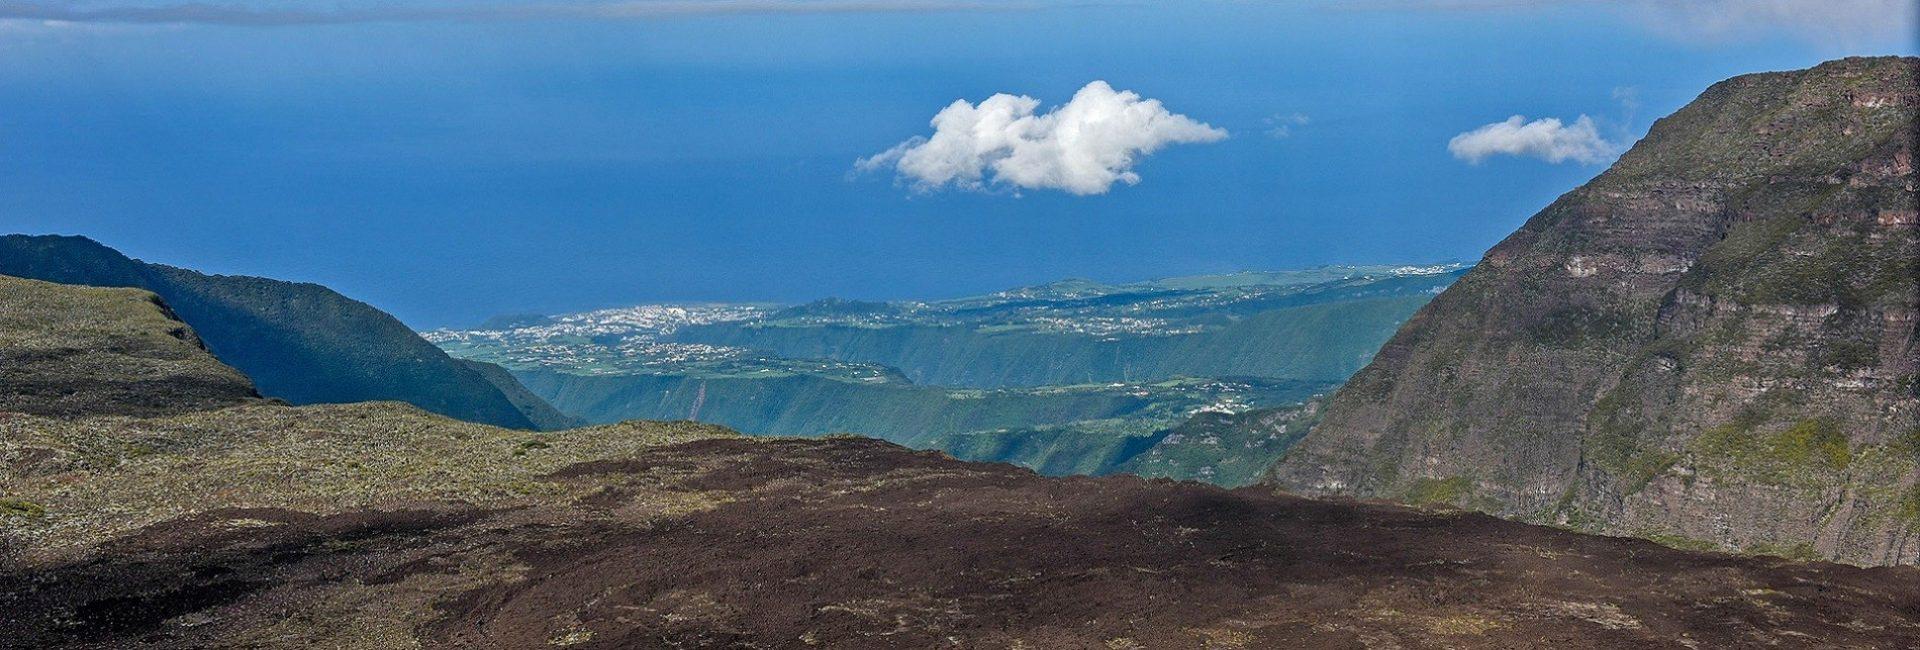 Ako vam je 10 dana ležanja na plaži uvijek zvučalo dosadno, bolje je da počnete planirate putovanje otoku Reunion, gdje je dosada nepoznata riječ.